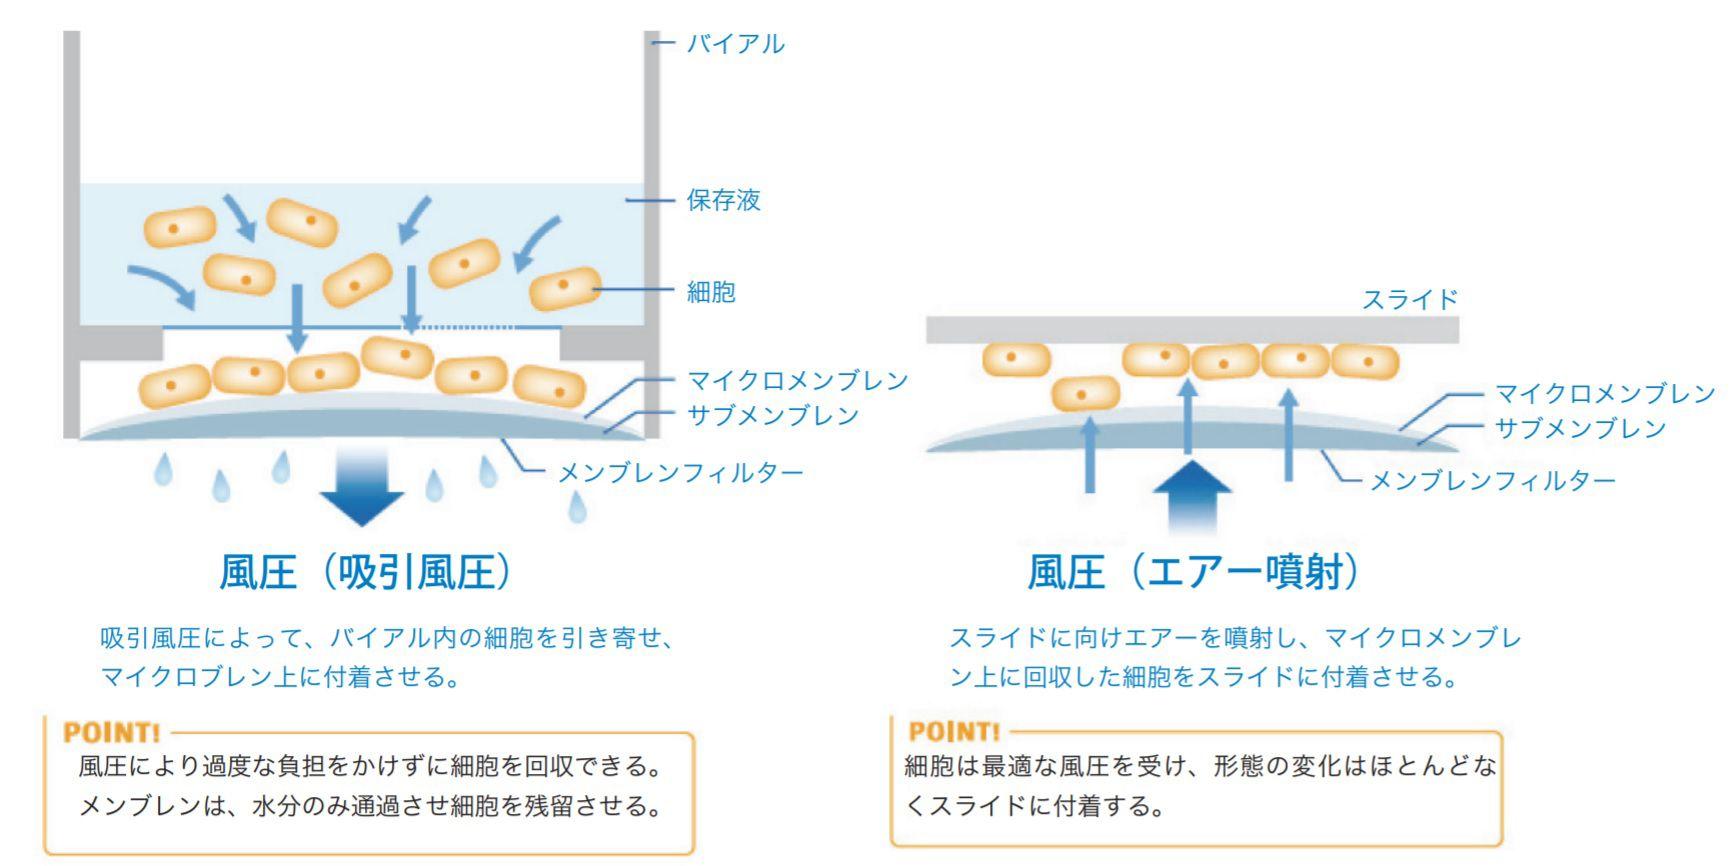 Cellprep法とは(説明図)